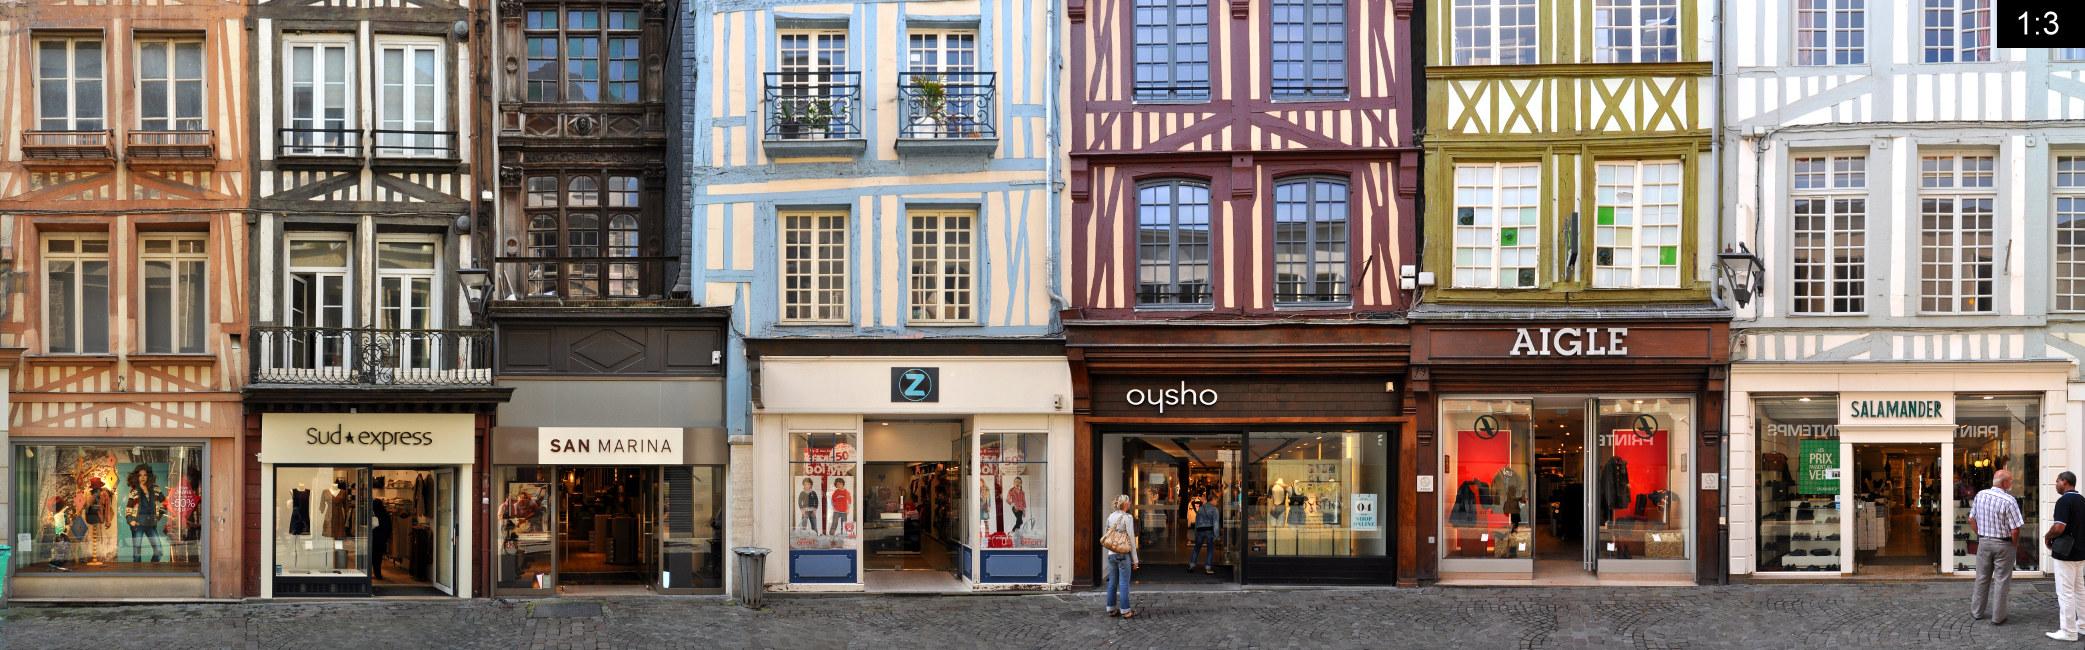 Panoramastreetline Rue Du Rue Horloge Gros Du p0q4Fww